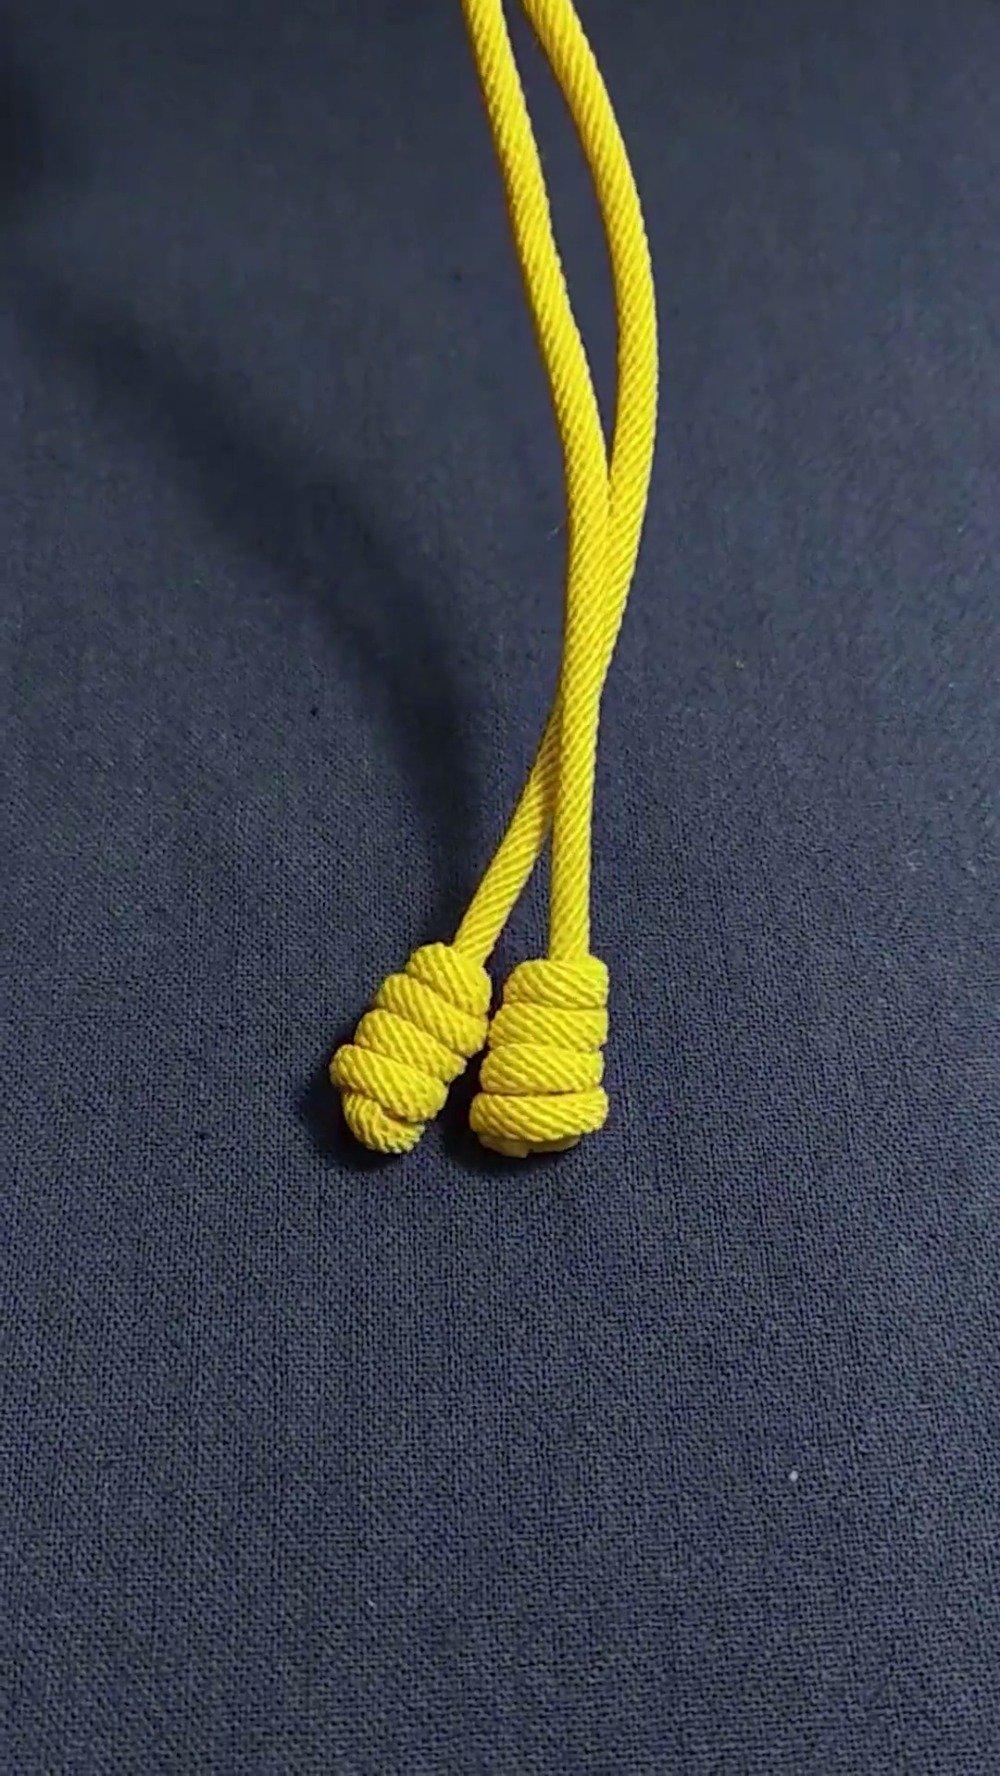 今天推出的编绳视频,是玩友新编的一个绳结:螺纹结